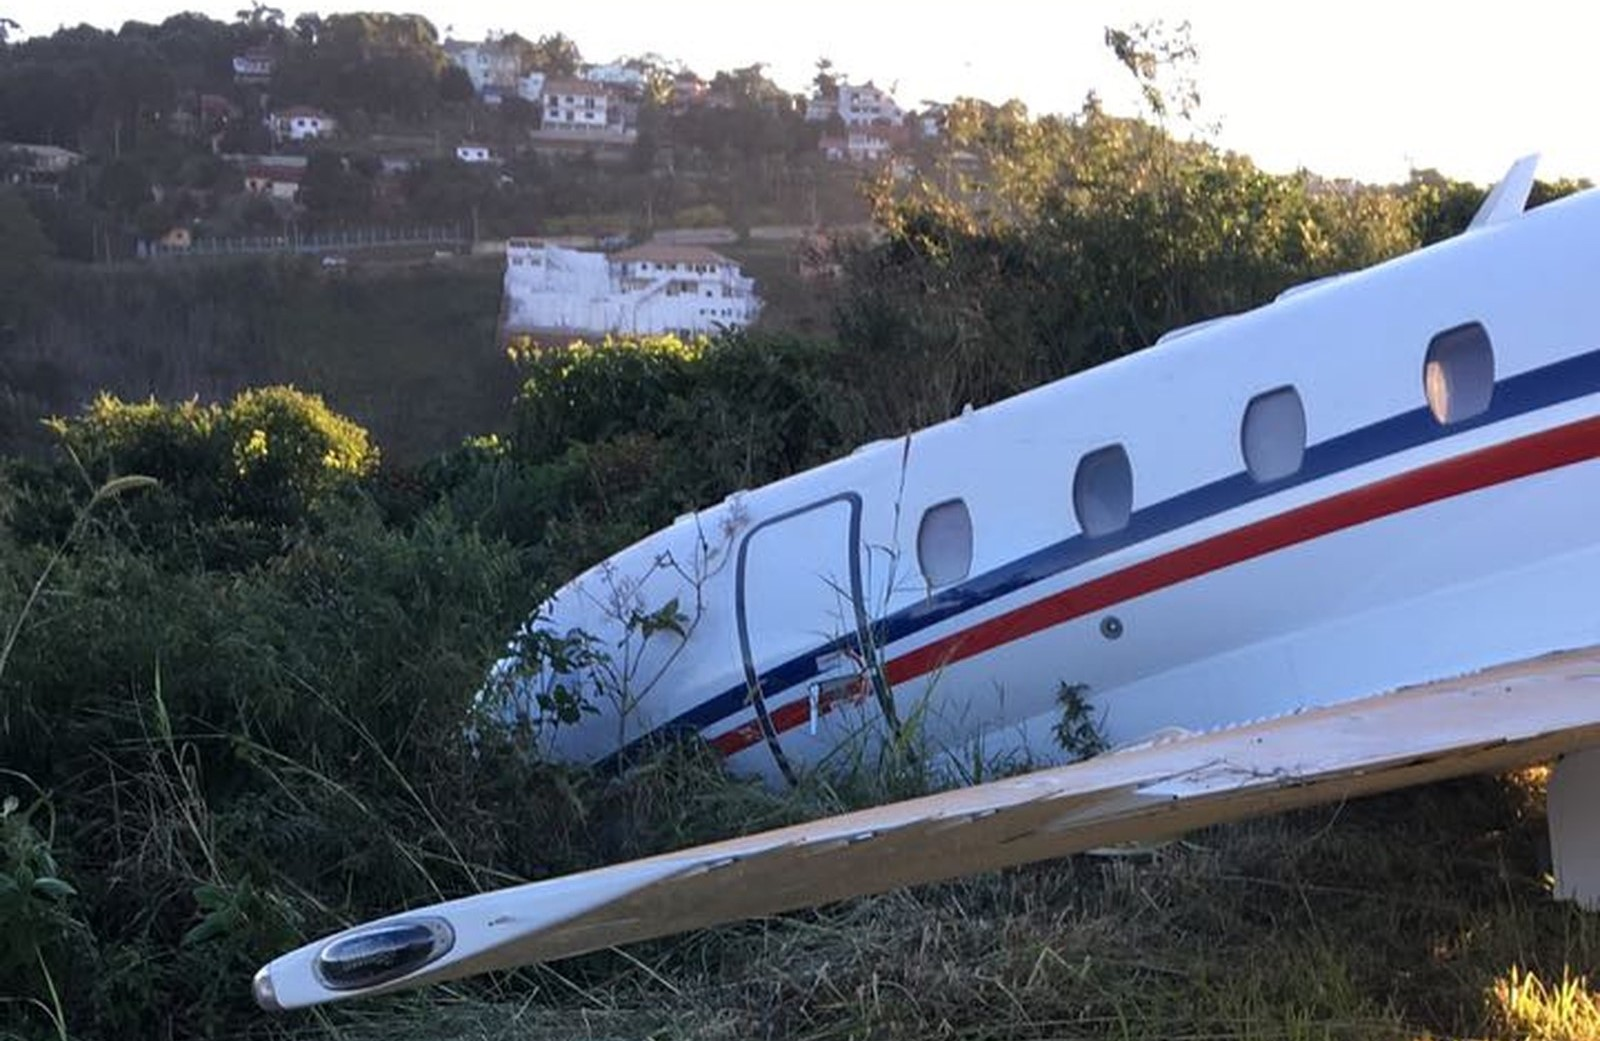 Avião de Alok sai da pista em aeroporto de Juiz de Fora; DJ passa bem